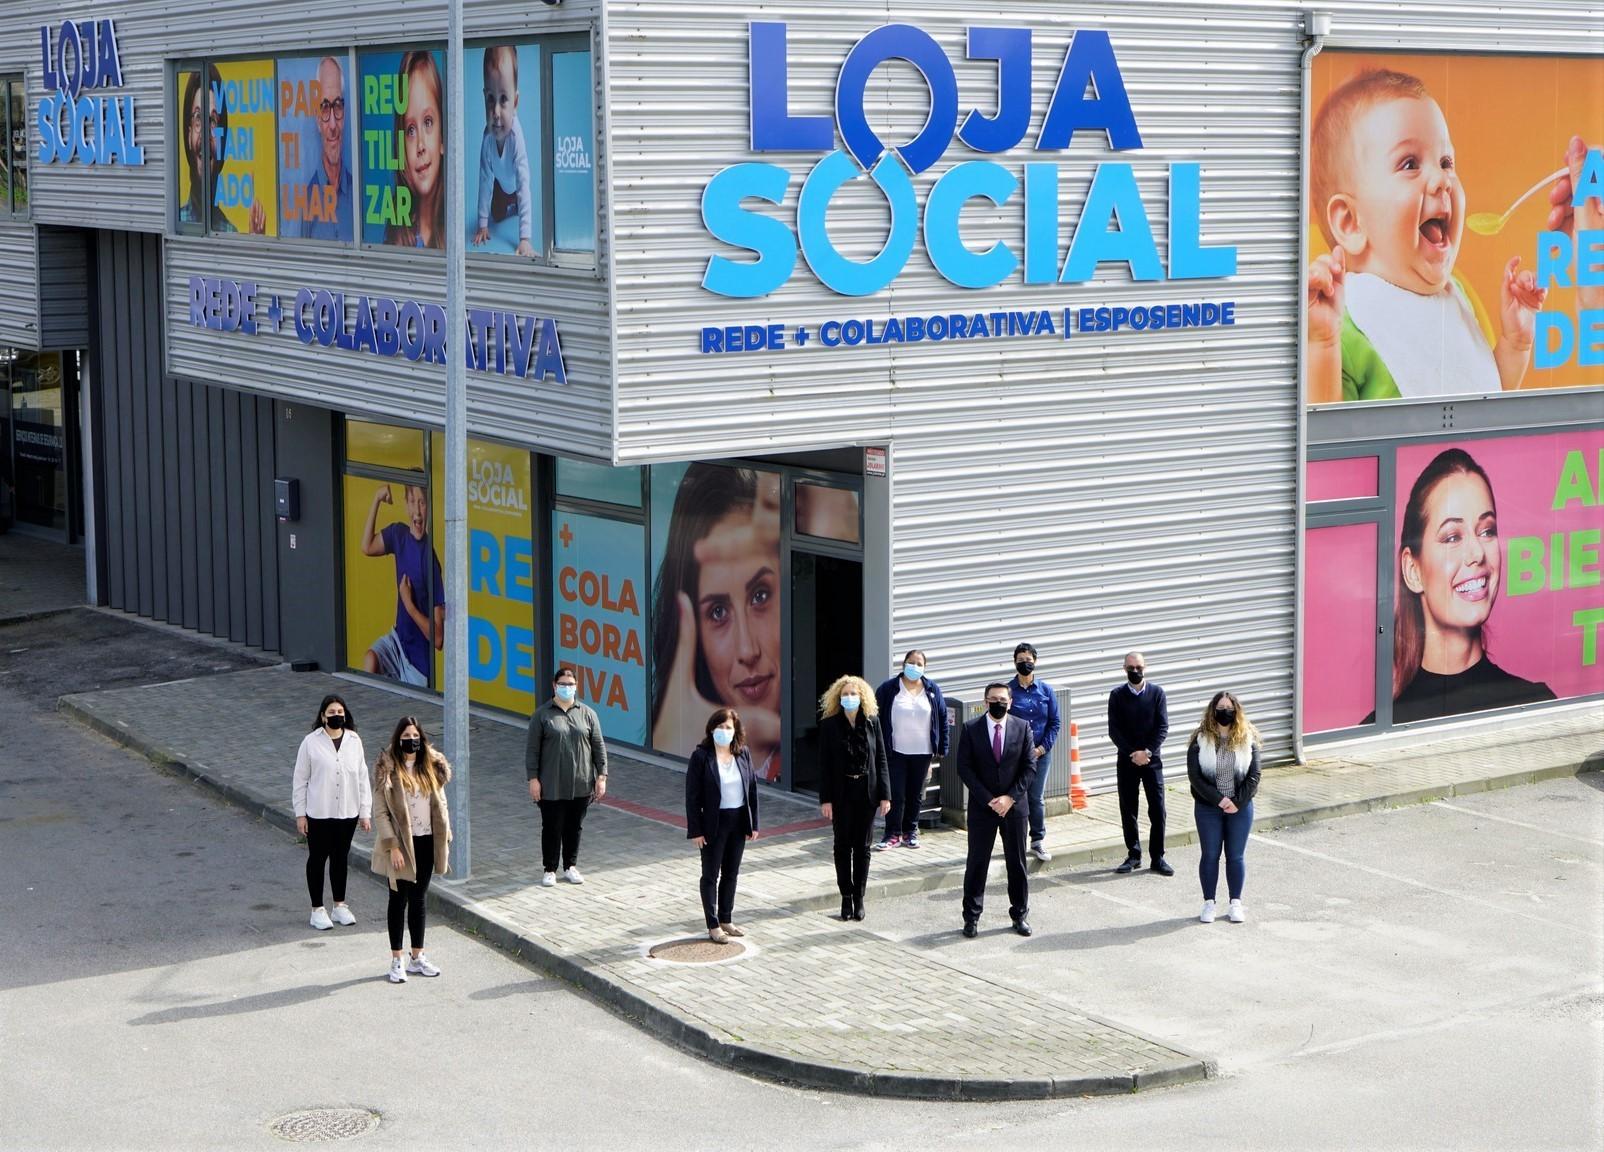 Loja Social Rede + Colaborativa de Esposende já tem nova casa